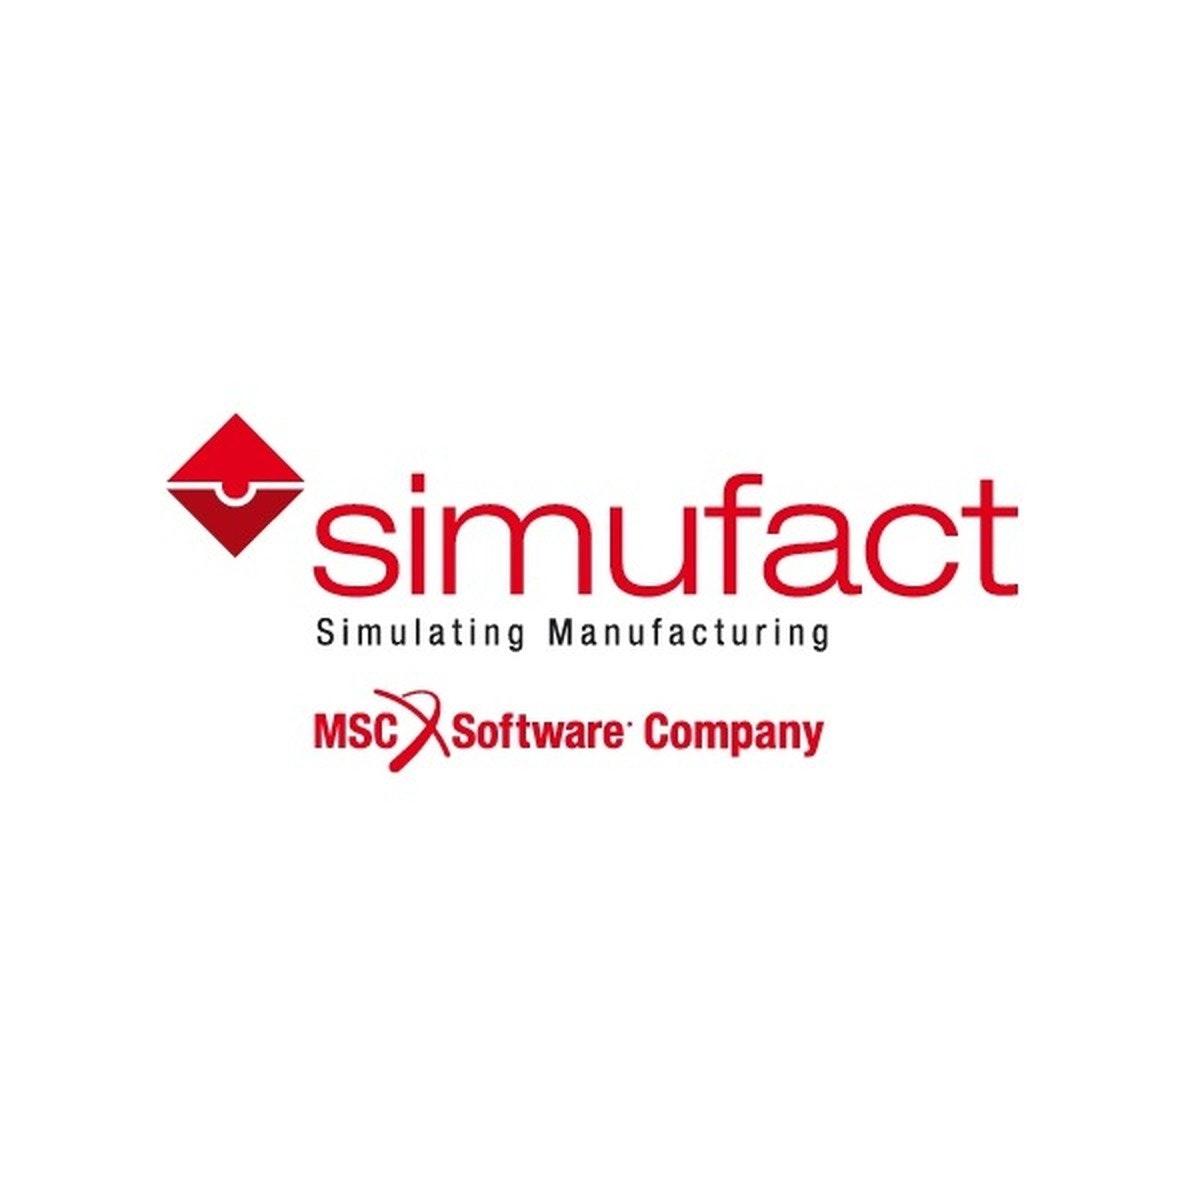 simufact engineering gmbh